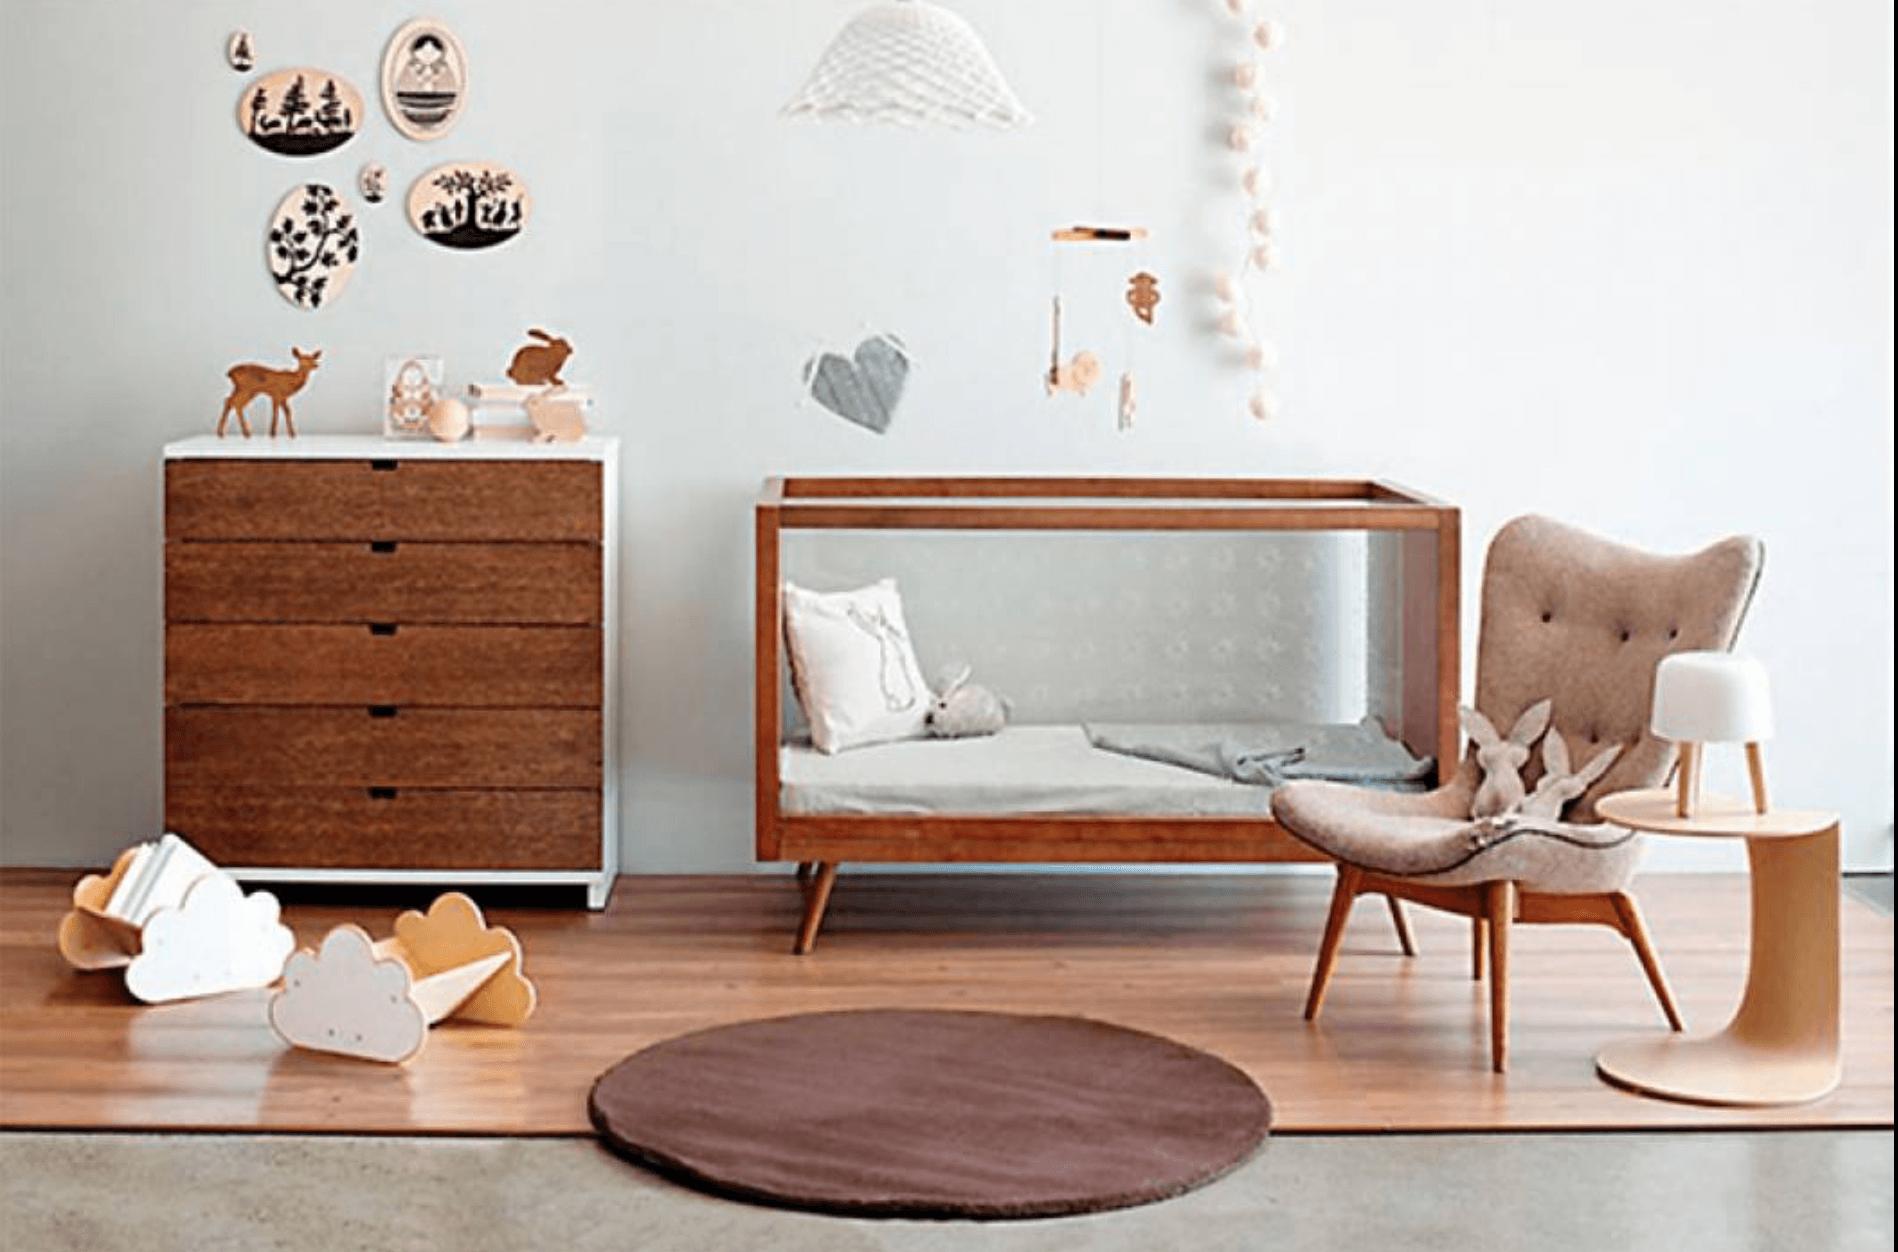 Witte Babykamer Inrichten : Babykamer inrichten tips en inspiratie leestijd minuten